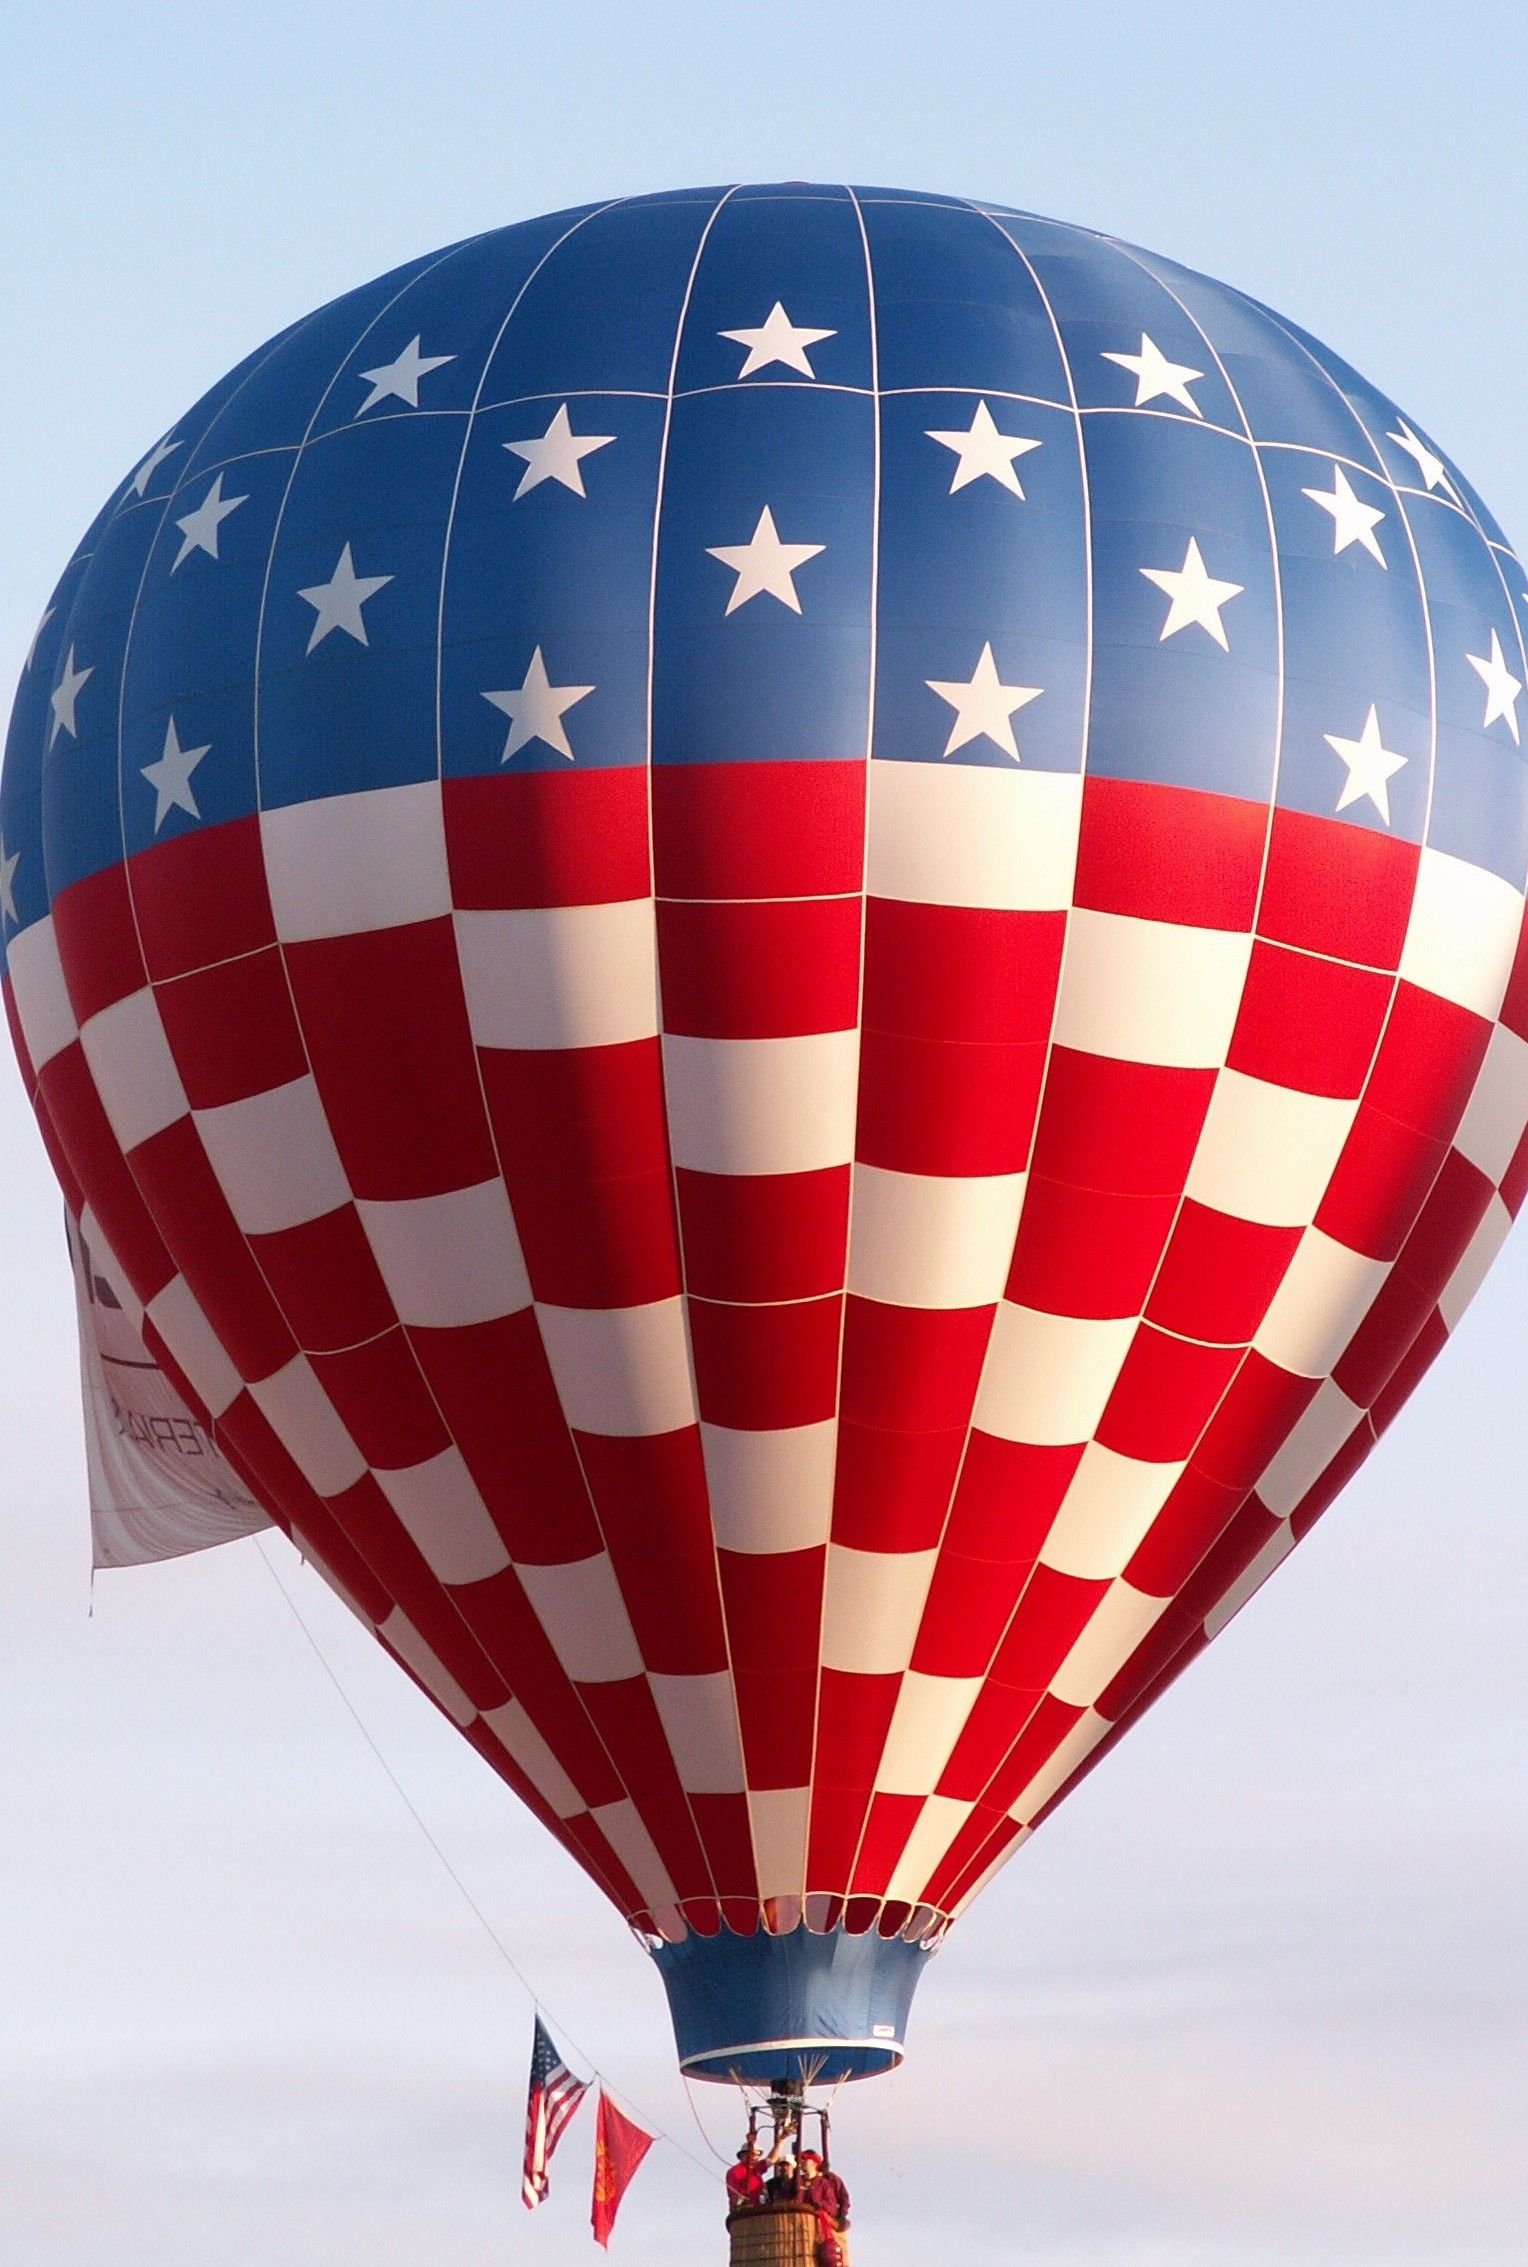 USA theme of balloon in The Albuquerque Balloon Fiesta